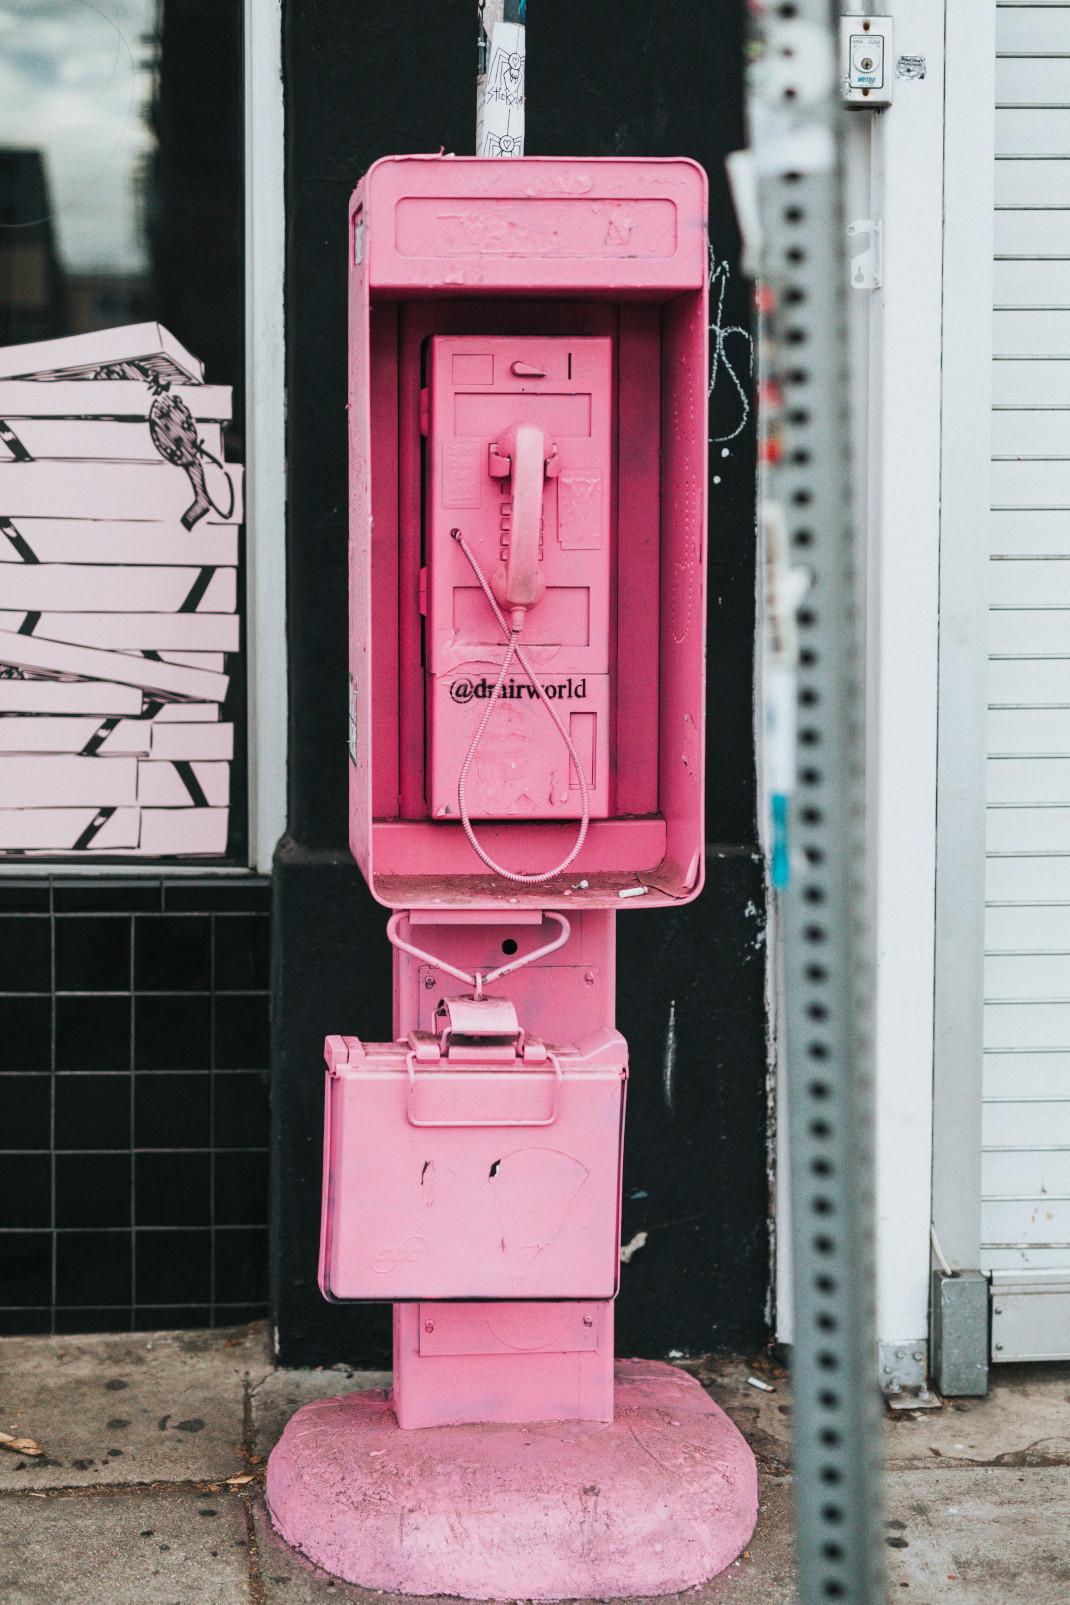 ροζ τηλέφωνο στο δρόμο